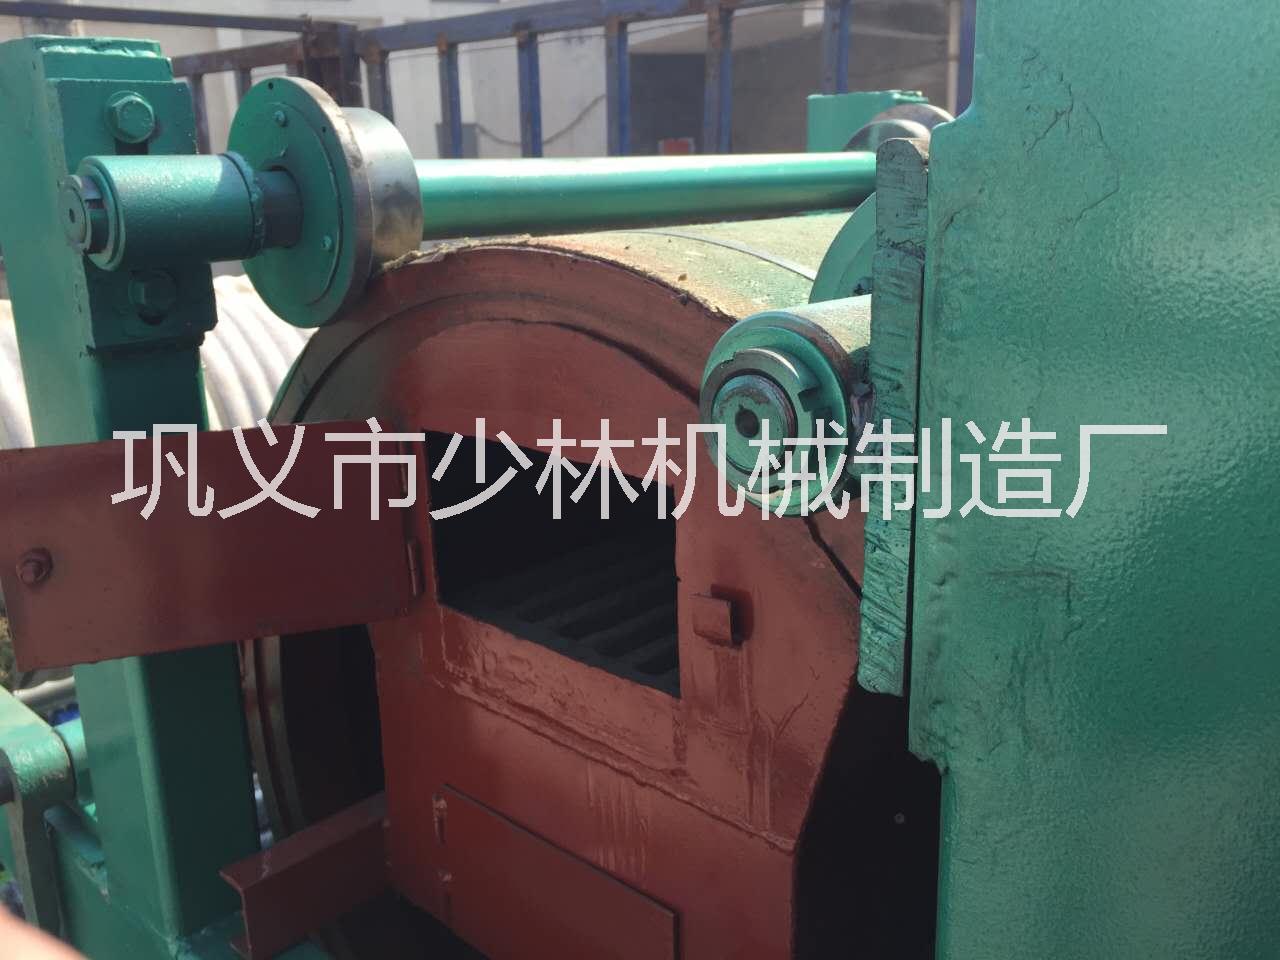 直热式造纸机无烘缸造纸机无锅炉造纸机烧缸造纸机